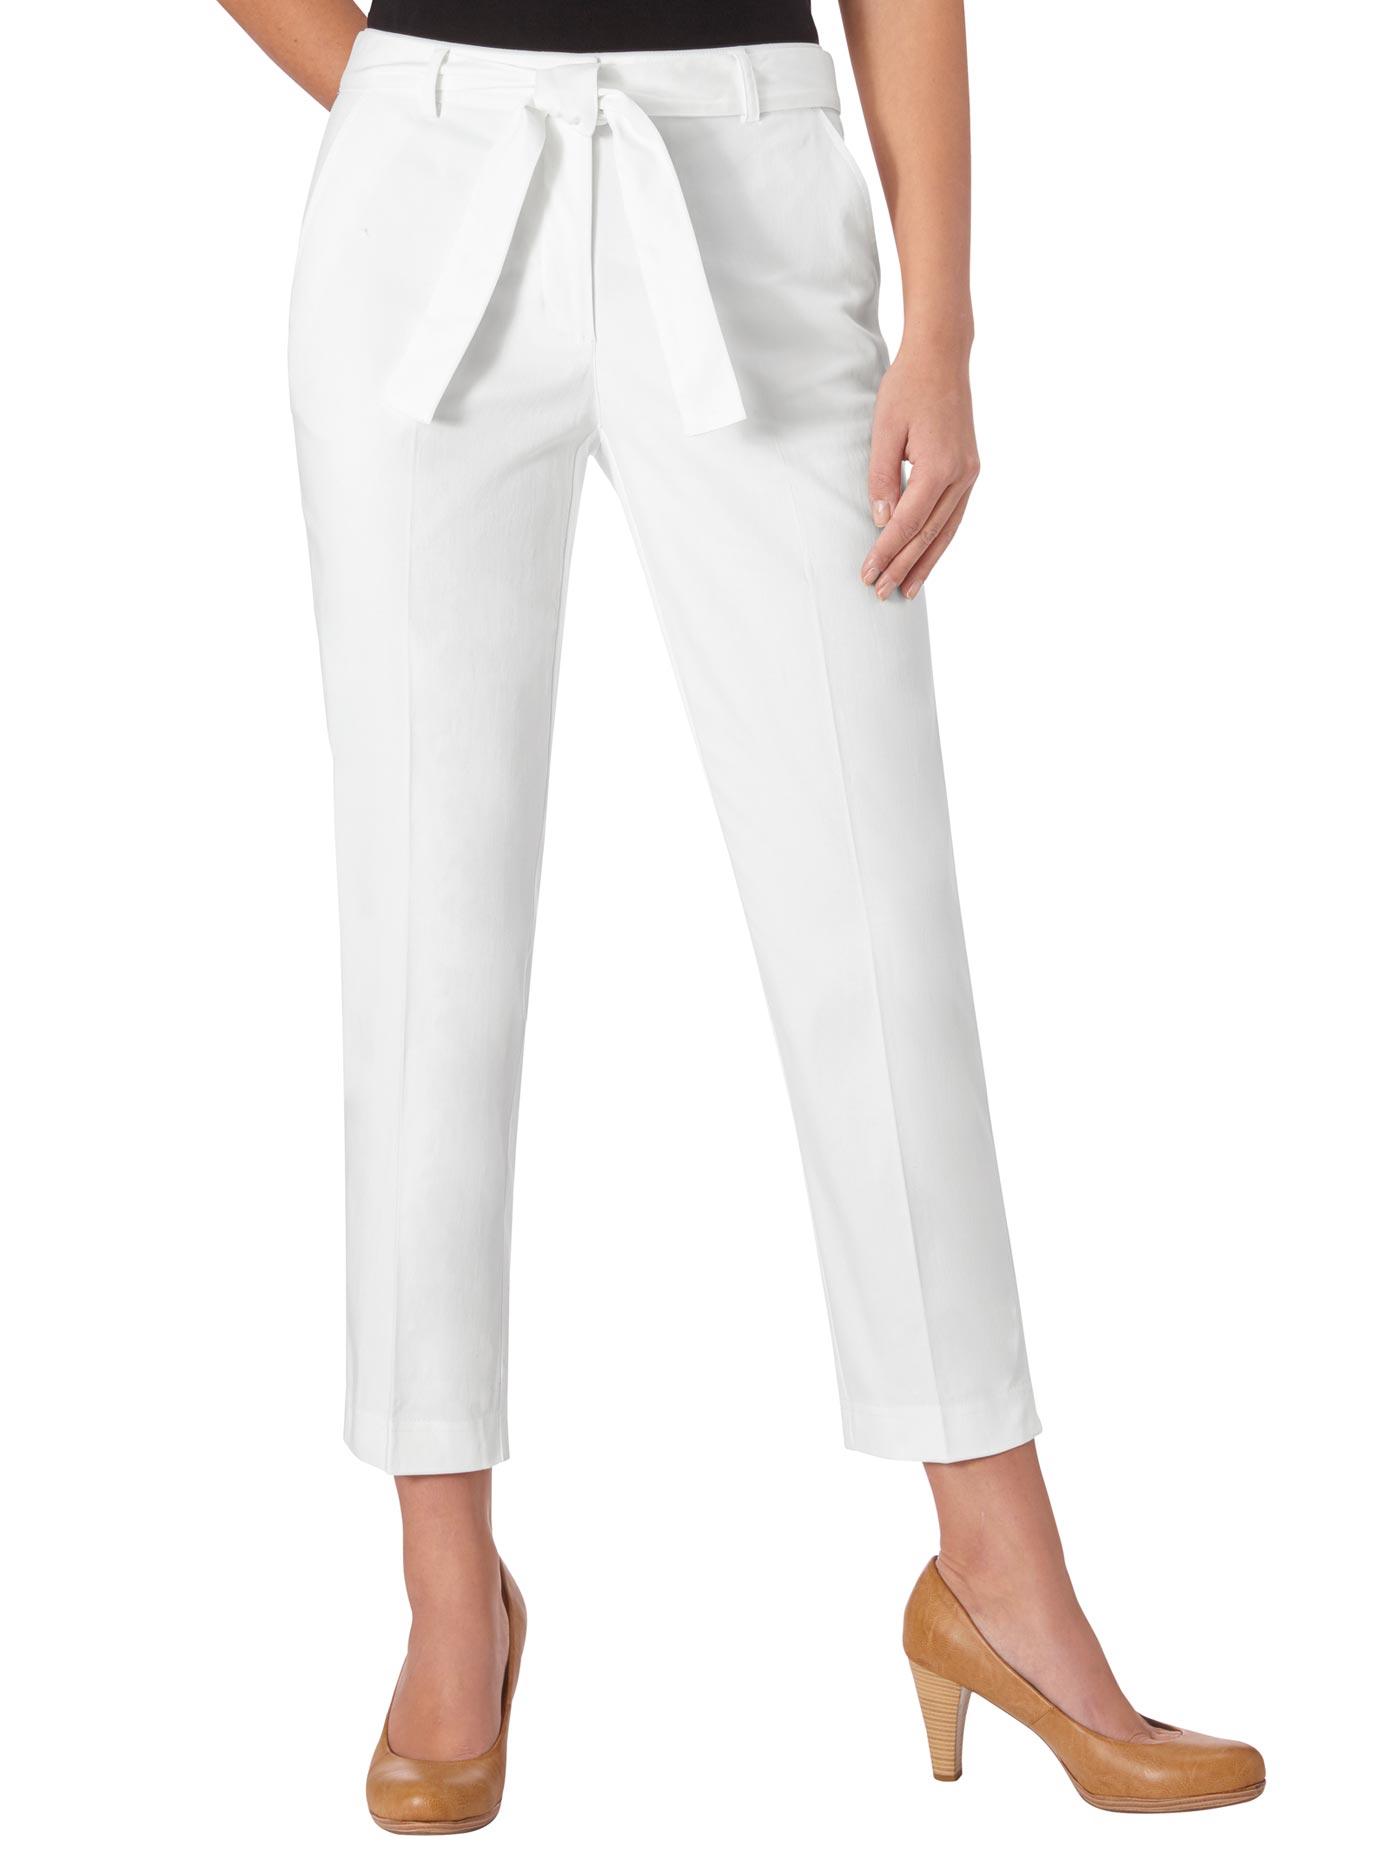 Inspirationen 7/8-Hose mit Bügelfalten vorne und hinten | Bekleidung > Hosen > 7/8-Hosen | Inspirationen